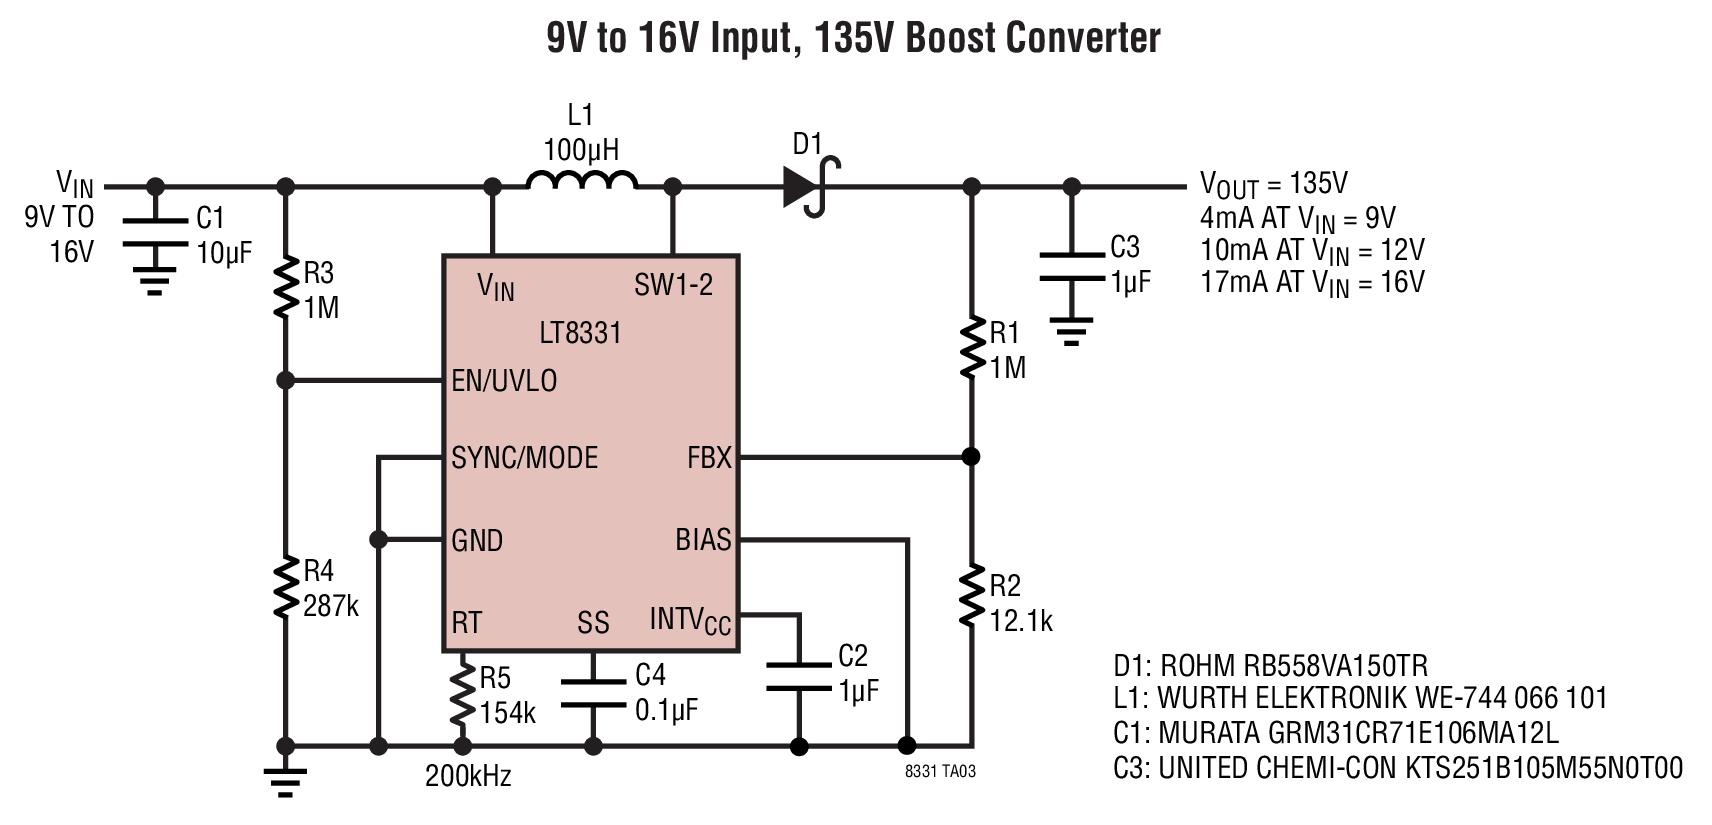 12v dc to 9v converter circuit diagram of insect beetles lt8331 16v input 135v boost